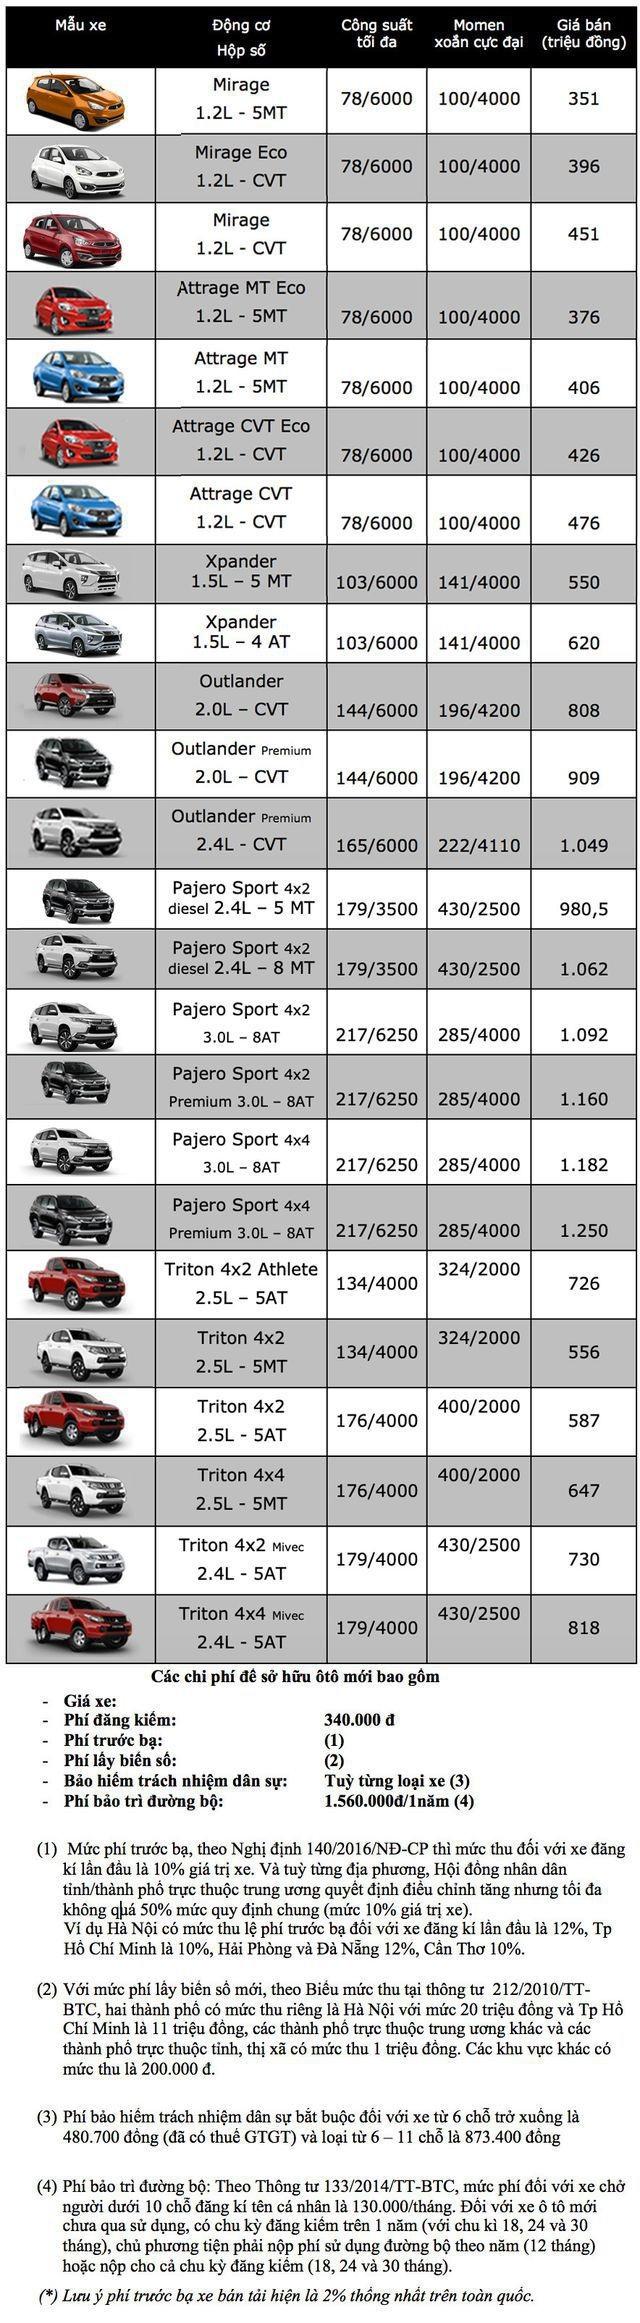 Bảng giá Mitsubishi tại Việt Nam cập nhật tháng 7/2019 - 1